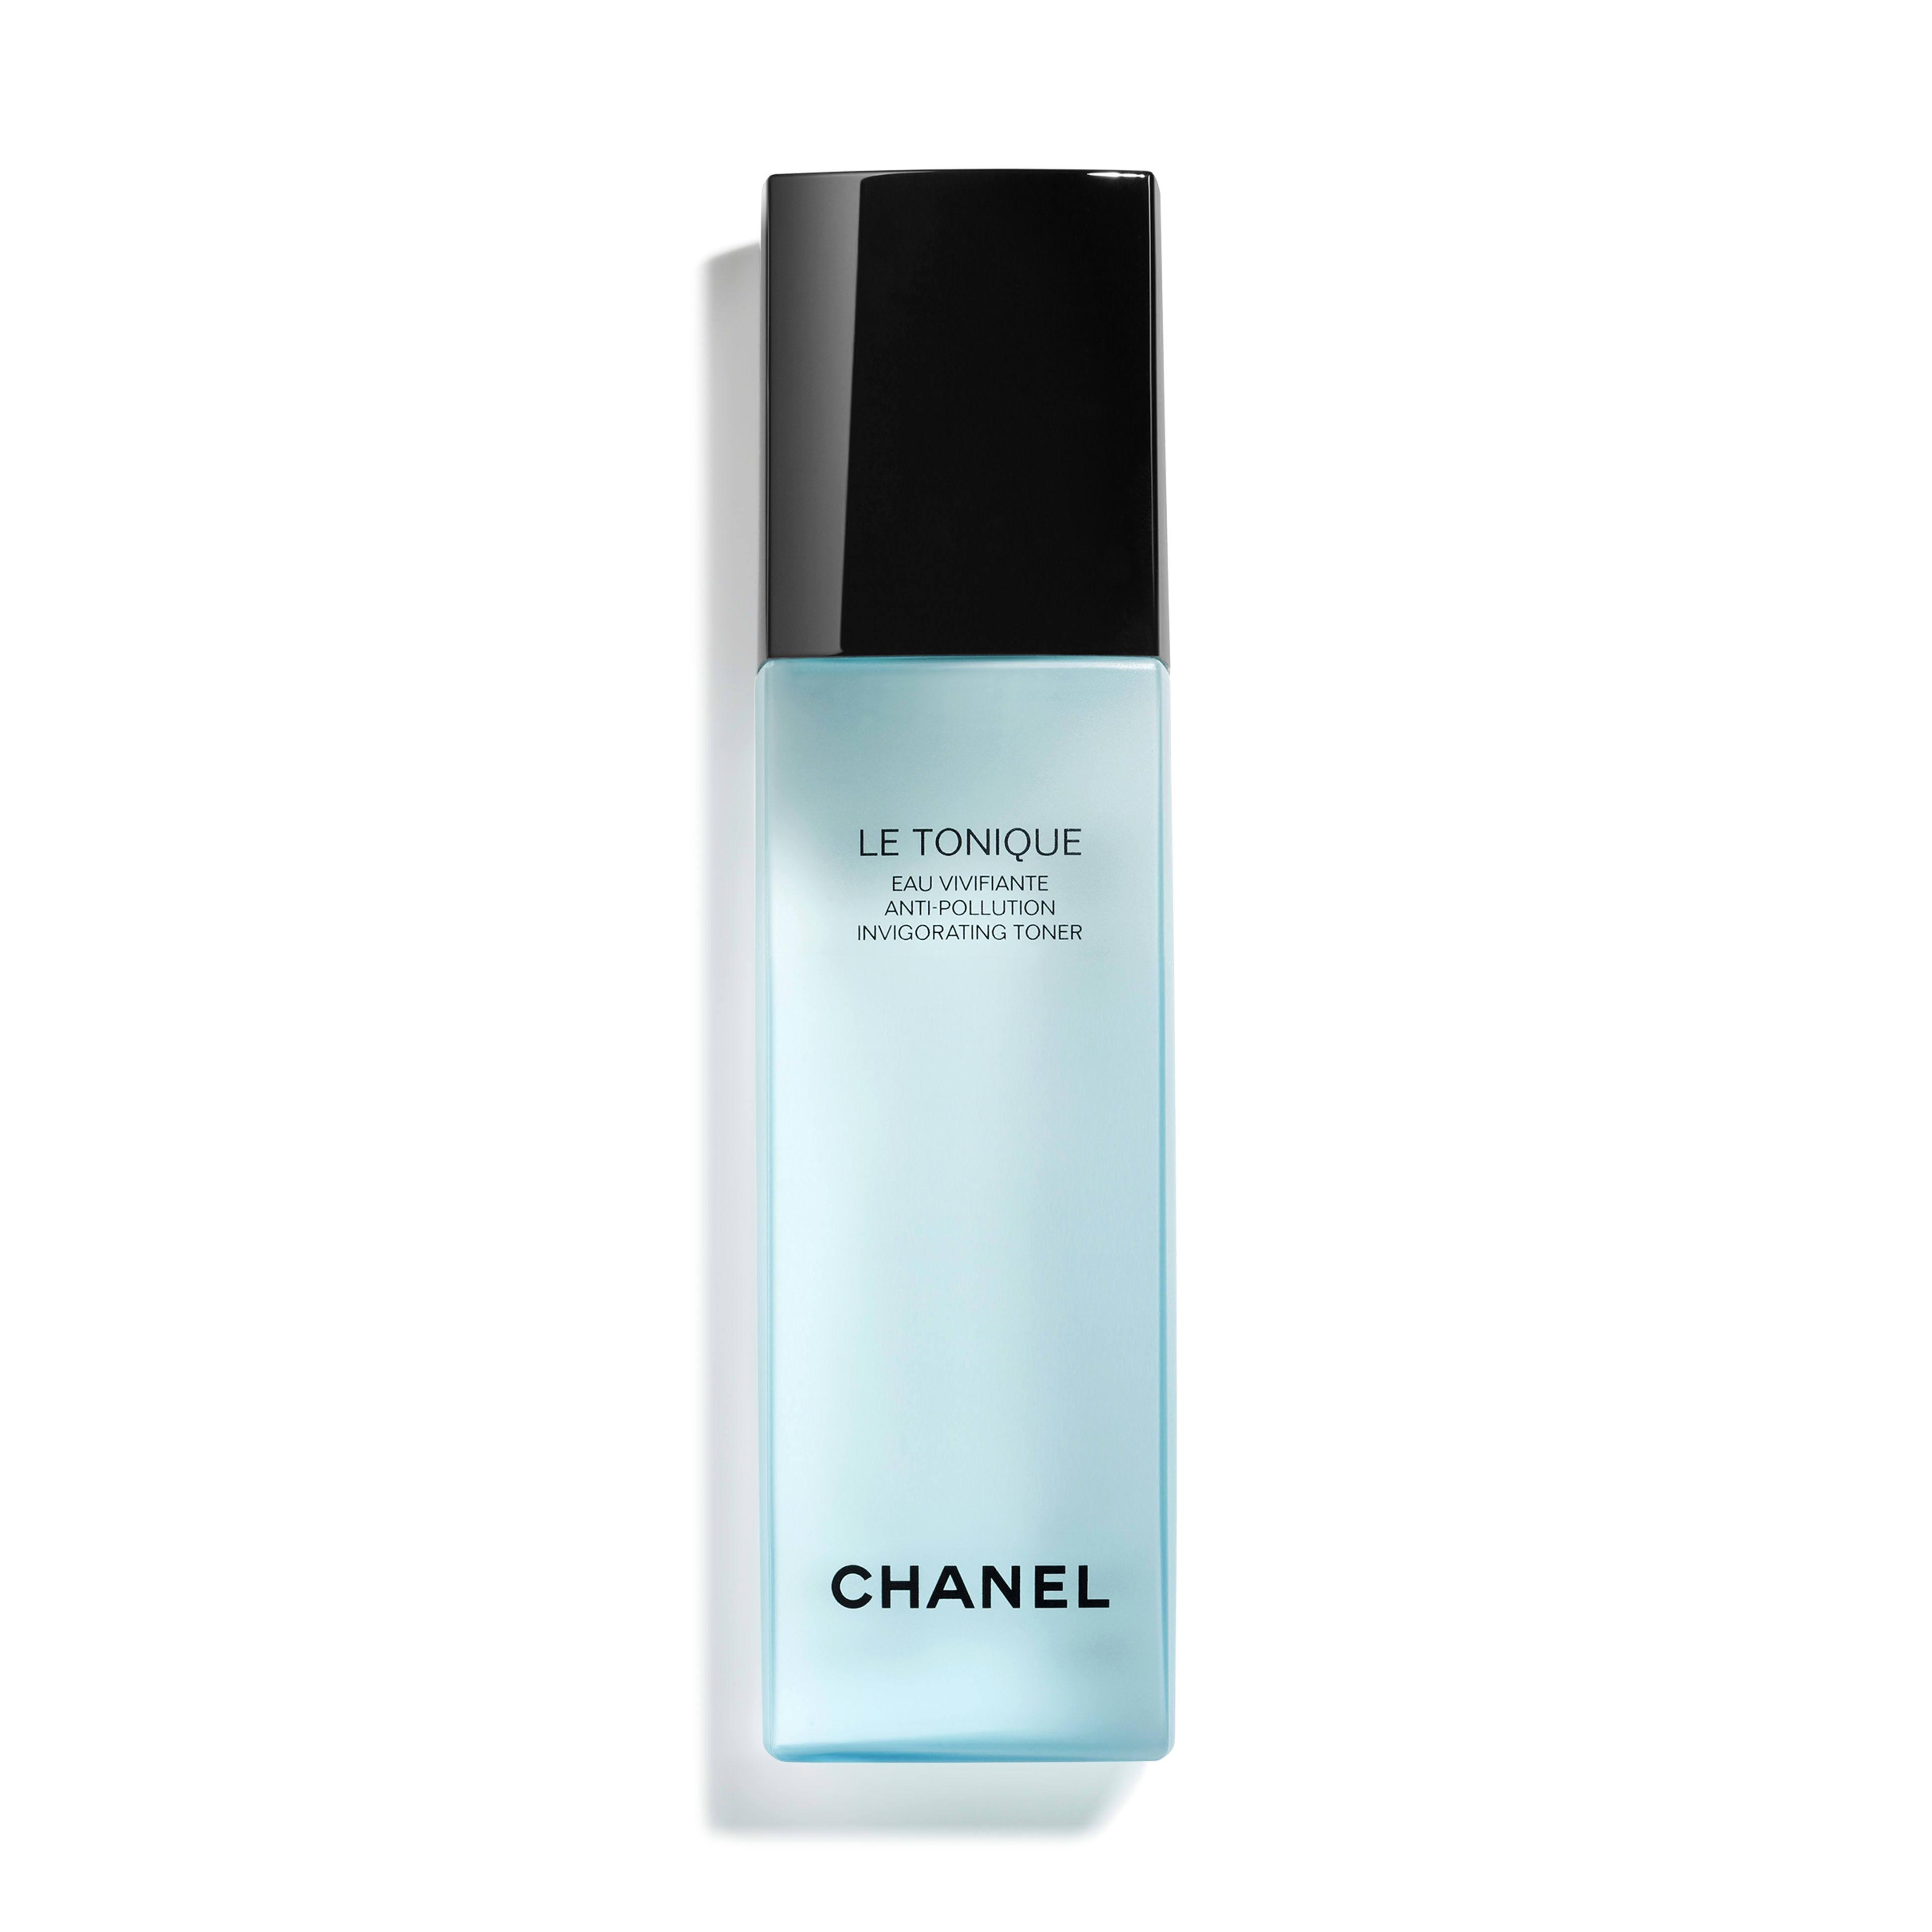 Chanel Le Tonique Anti-Pollution Invigorating Toner Mini 10ml